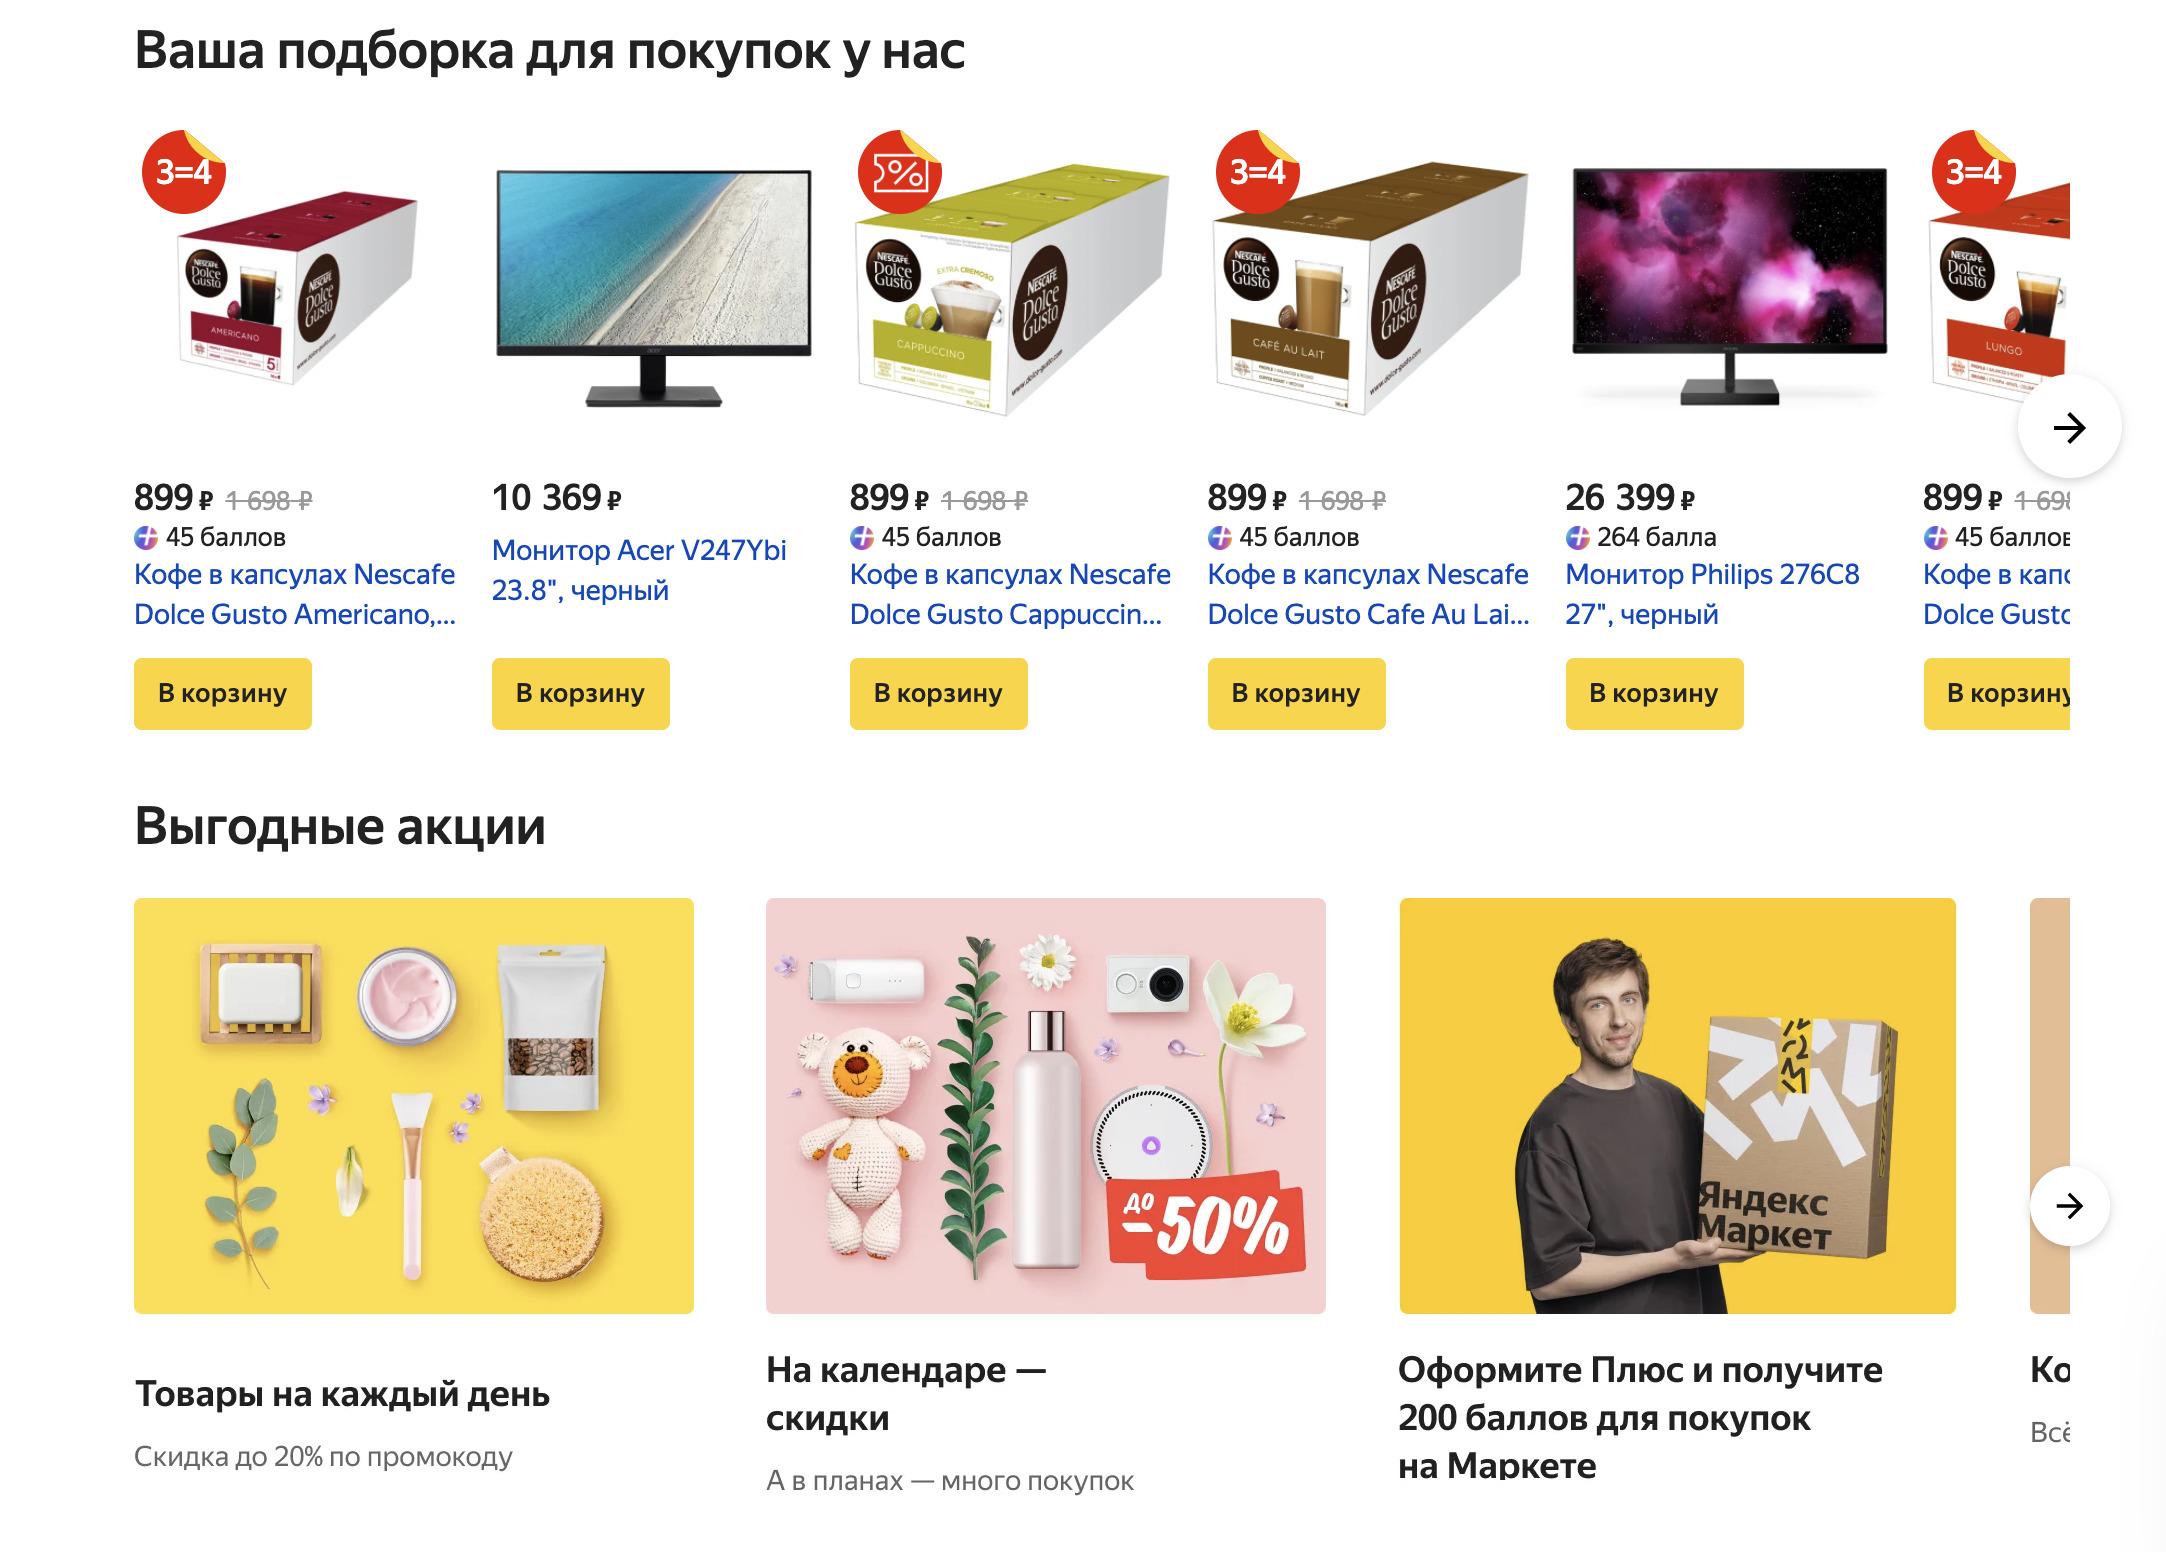 Доставка из Яндекс.Маркет в Ржев, сроки, пункты выдачи, каталог